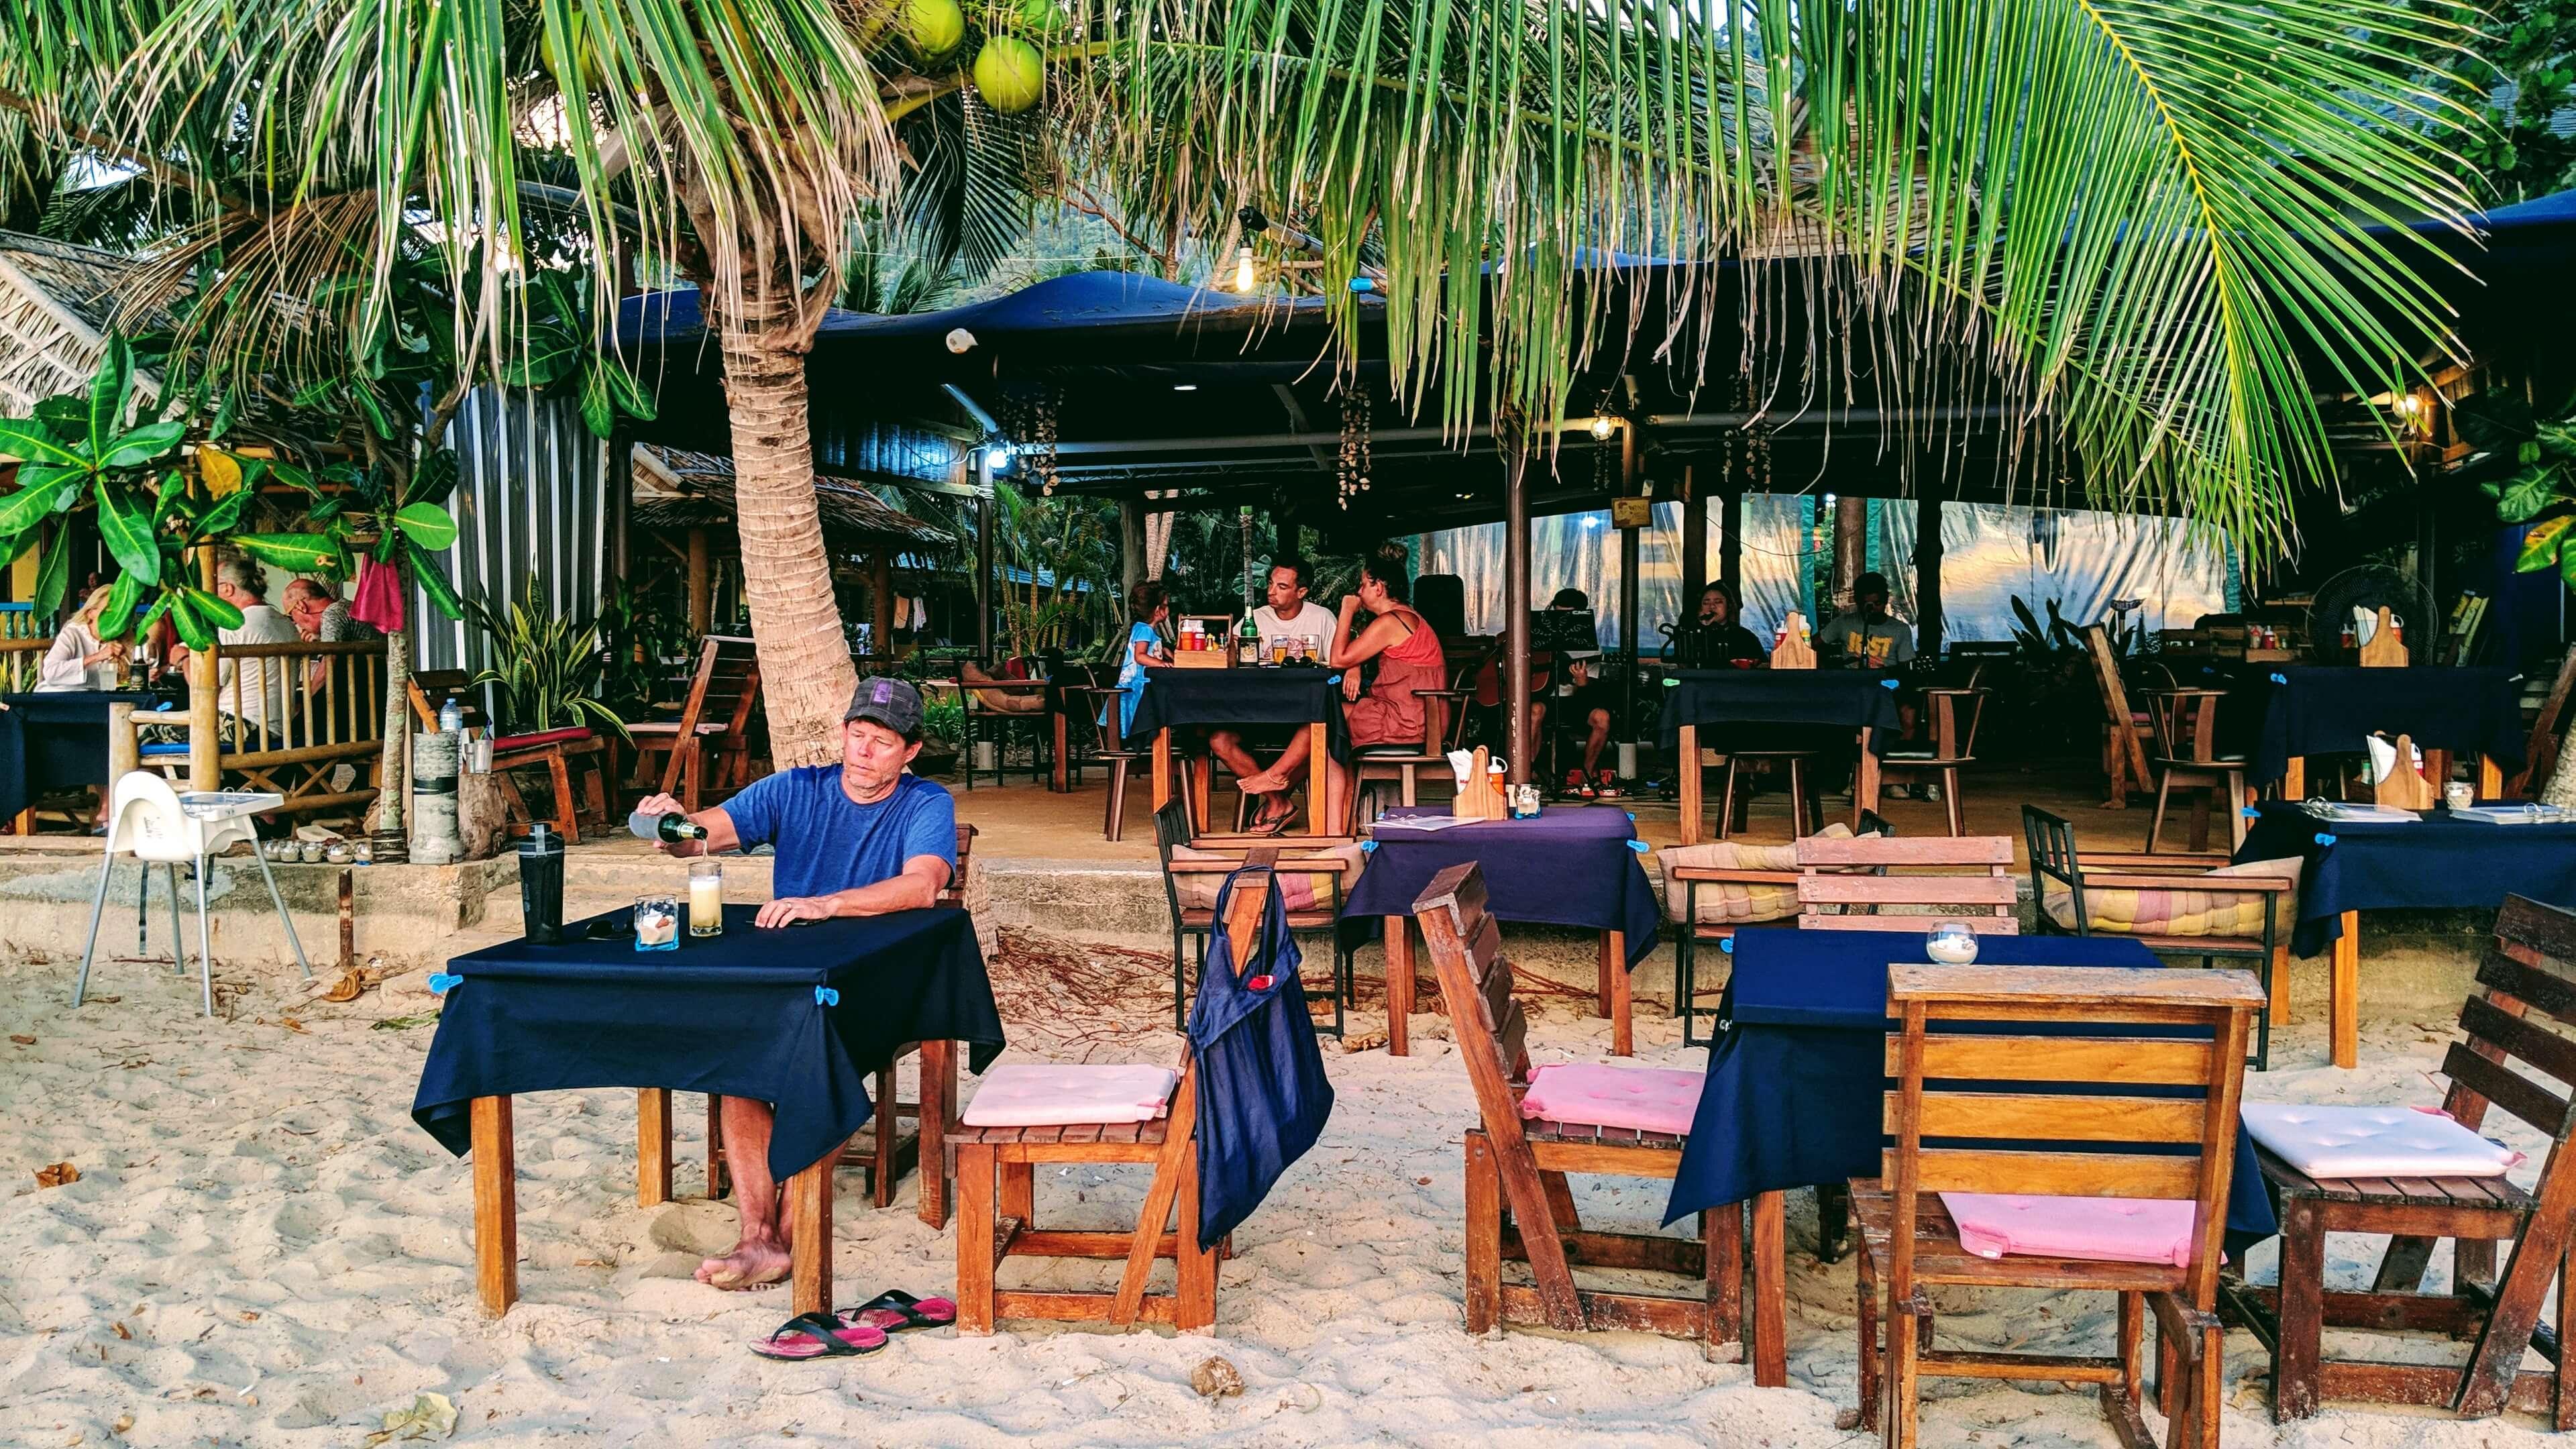 Rob at beach restaurant on Klong Dao beach